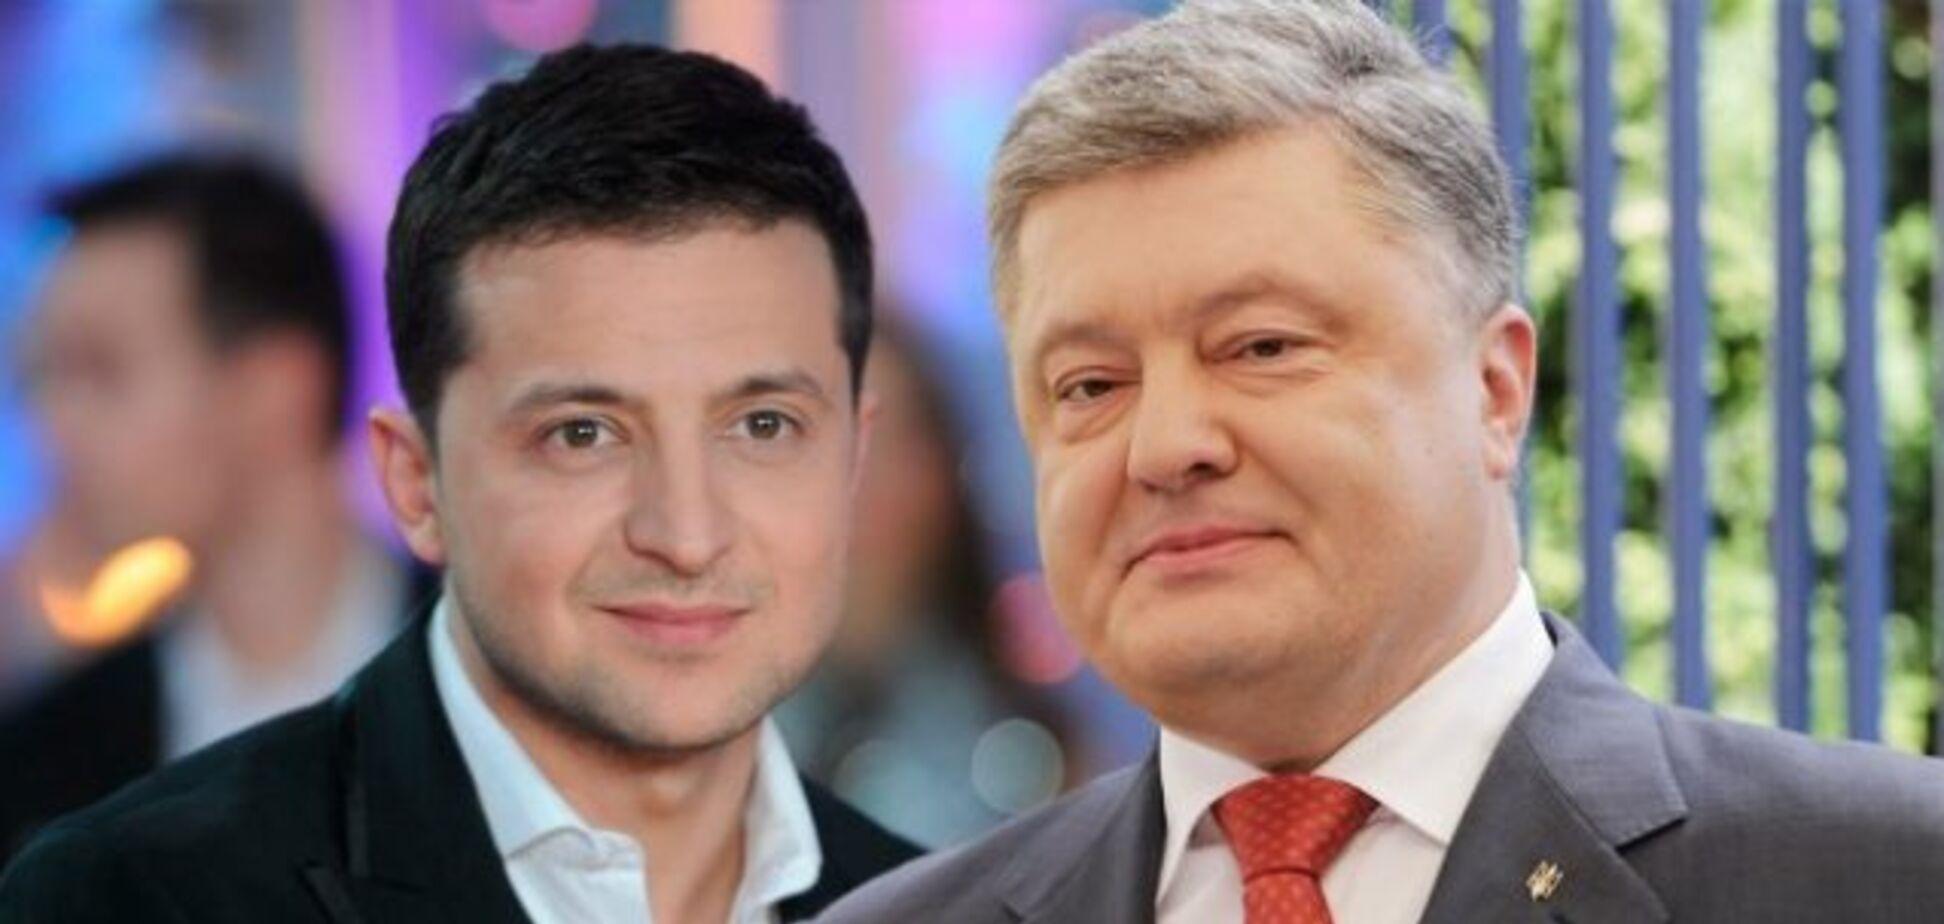 Результаты социсследования после первого тура: за Зеленского — 51%, за Порошенко — 21% среди всех опрошенных